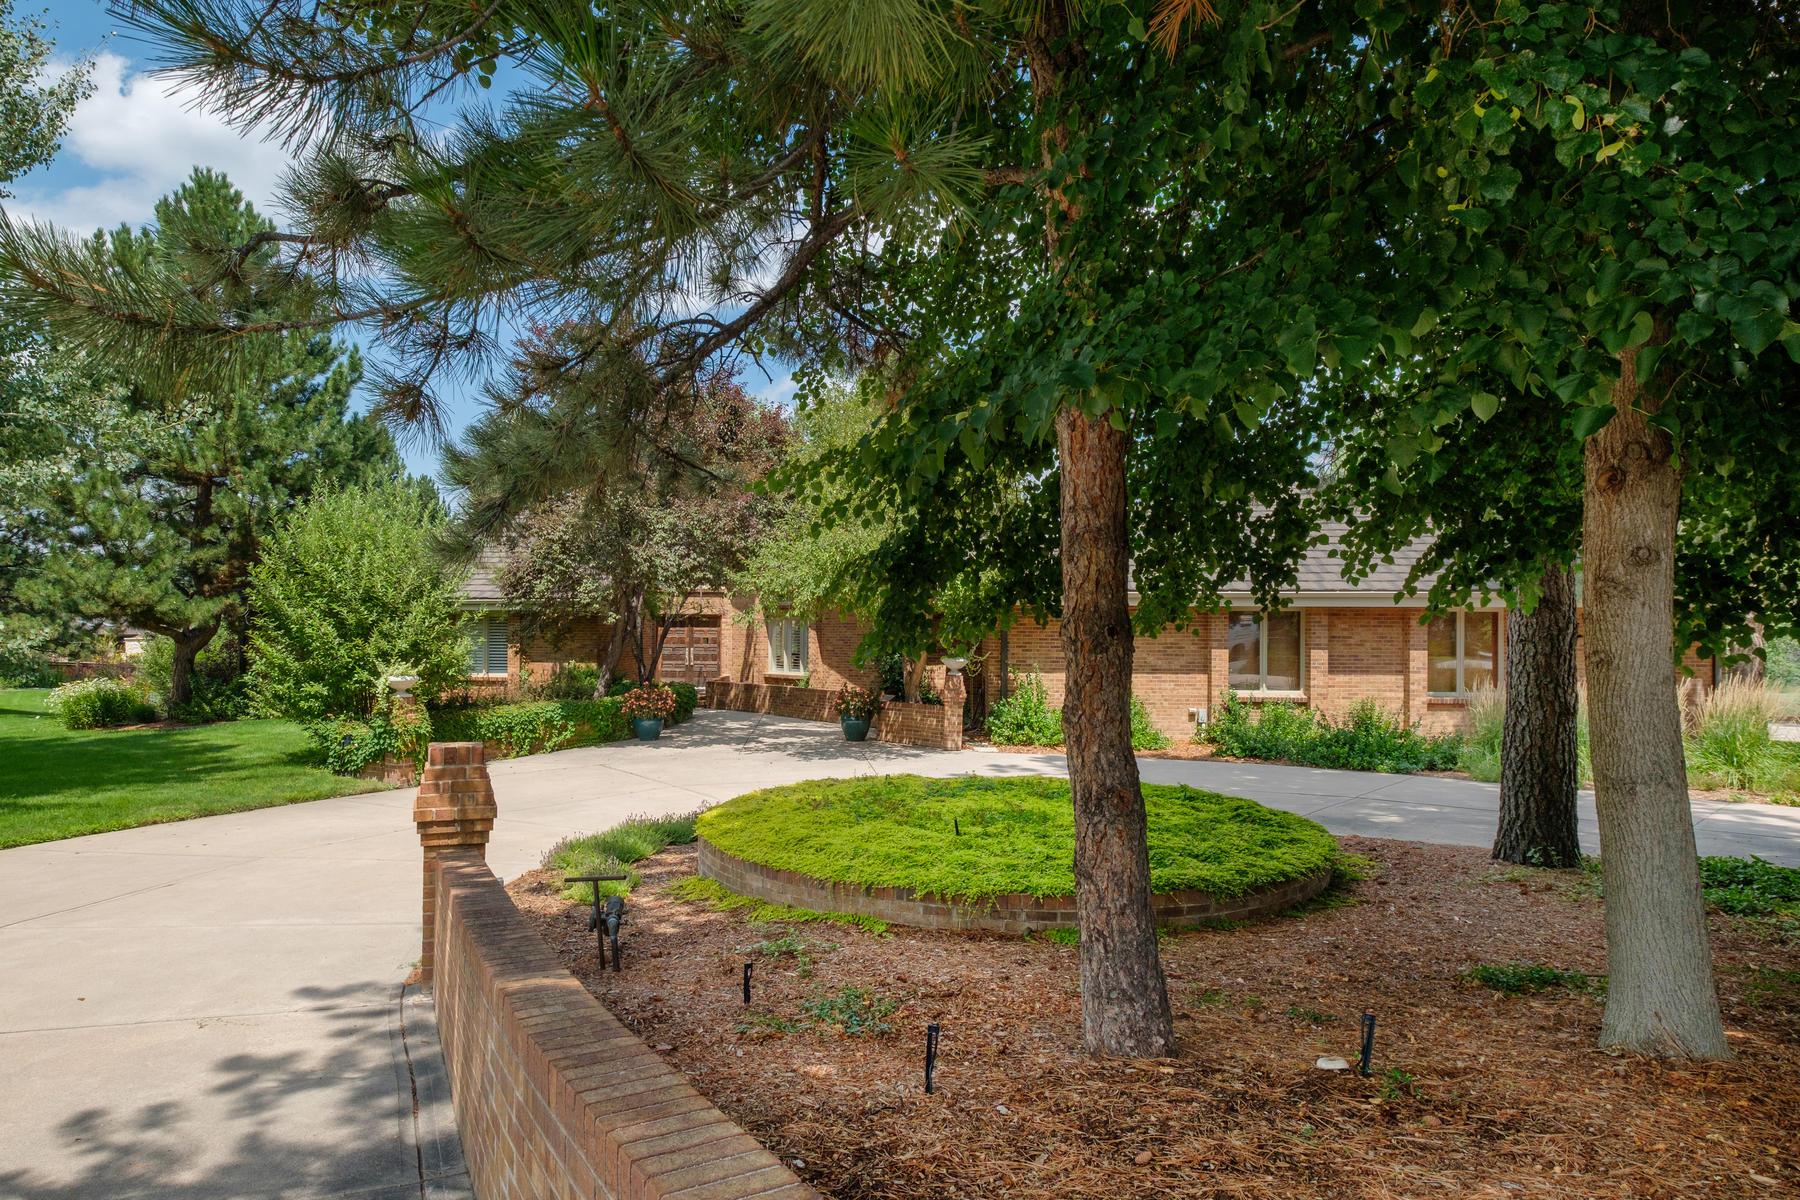 獨棟家庭住宅 為 出售 在 Charming Ranch Style home graciously poised on a prime 1.23 acre lot. 4602 S Elizabeth Ct Englewood, 科羅拉多州, 80113 美國